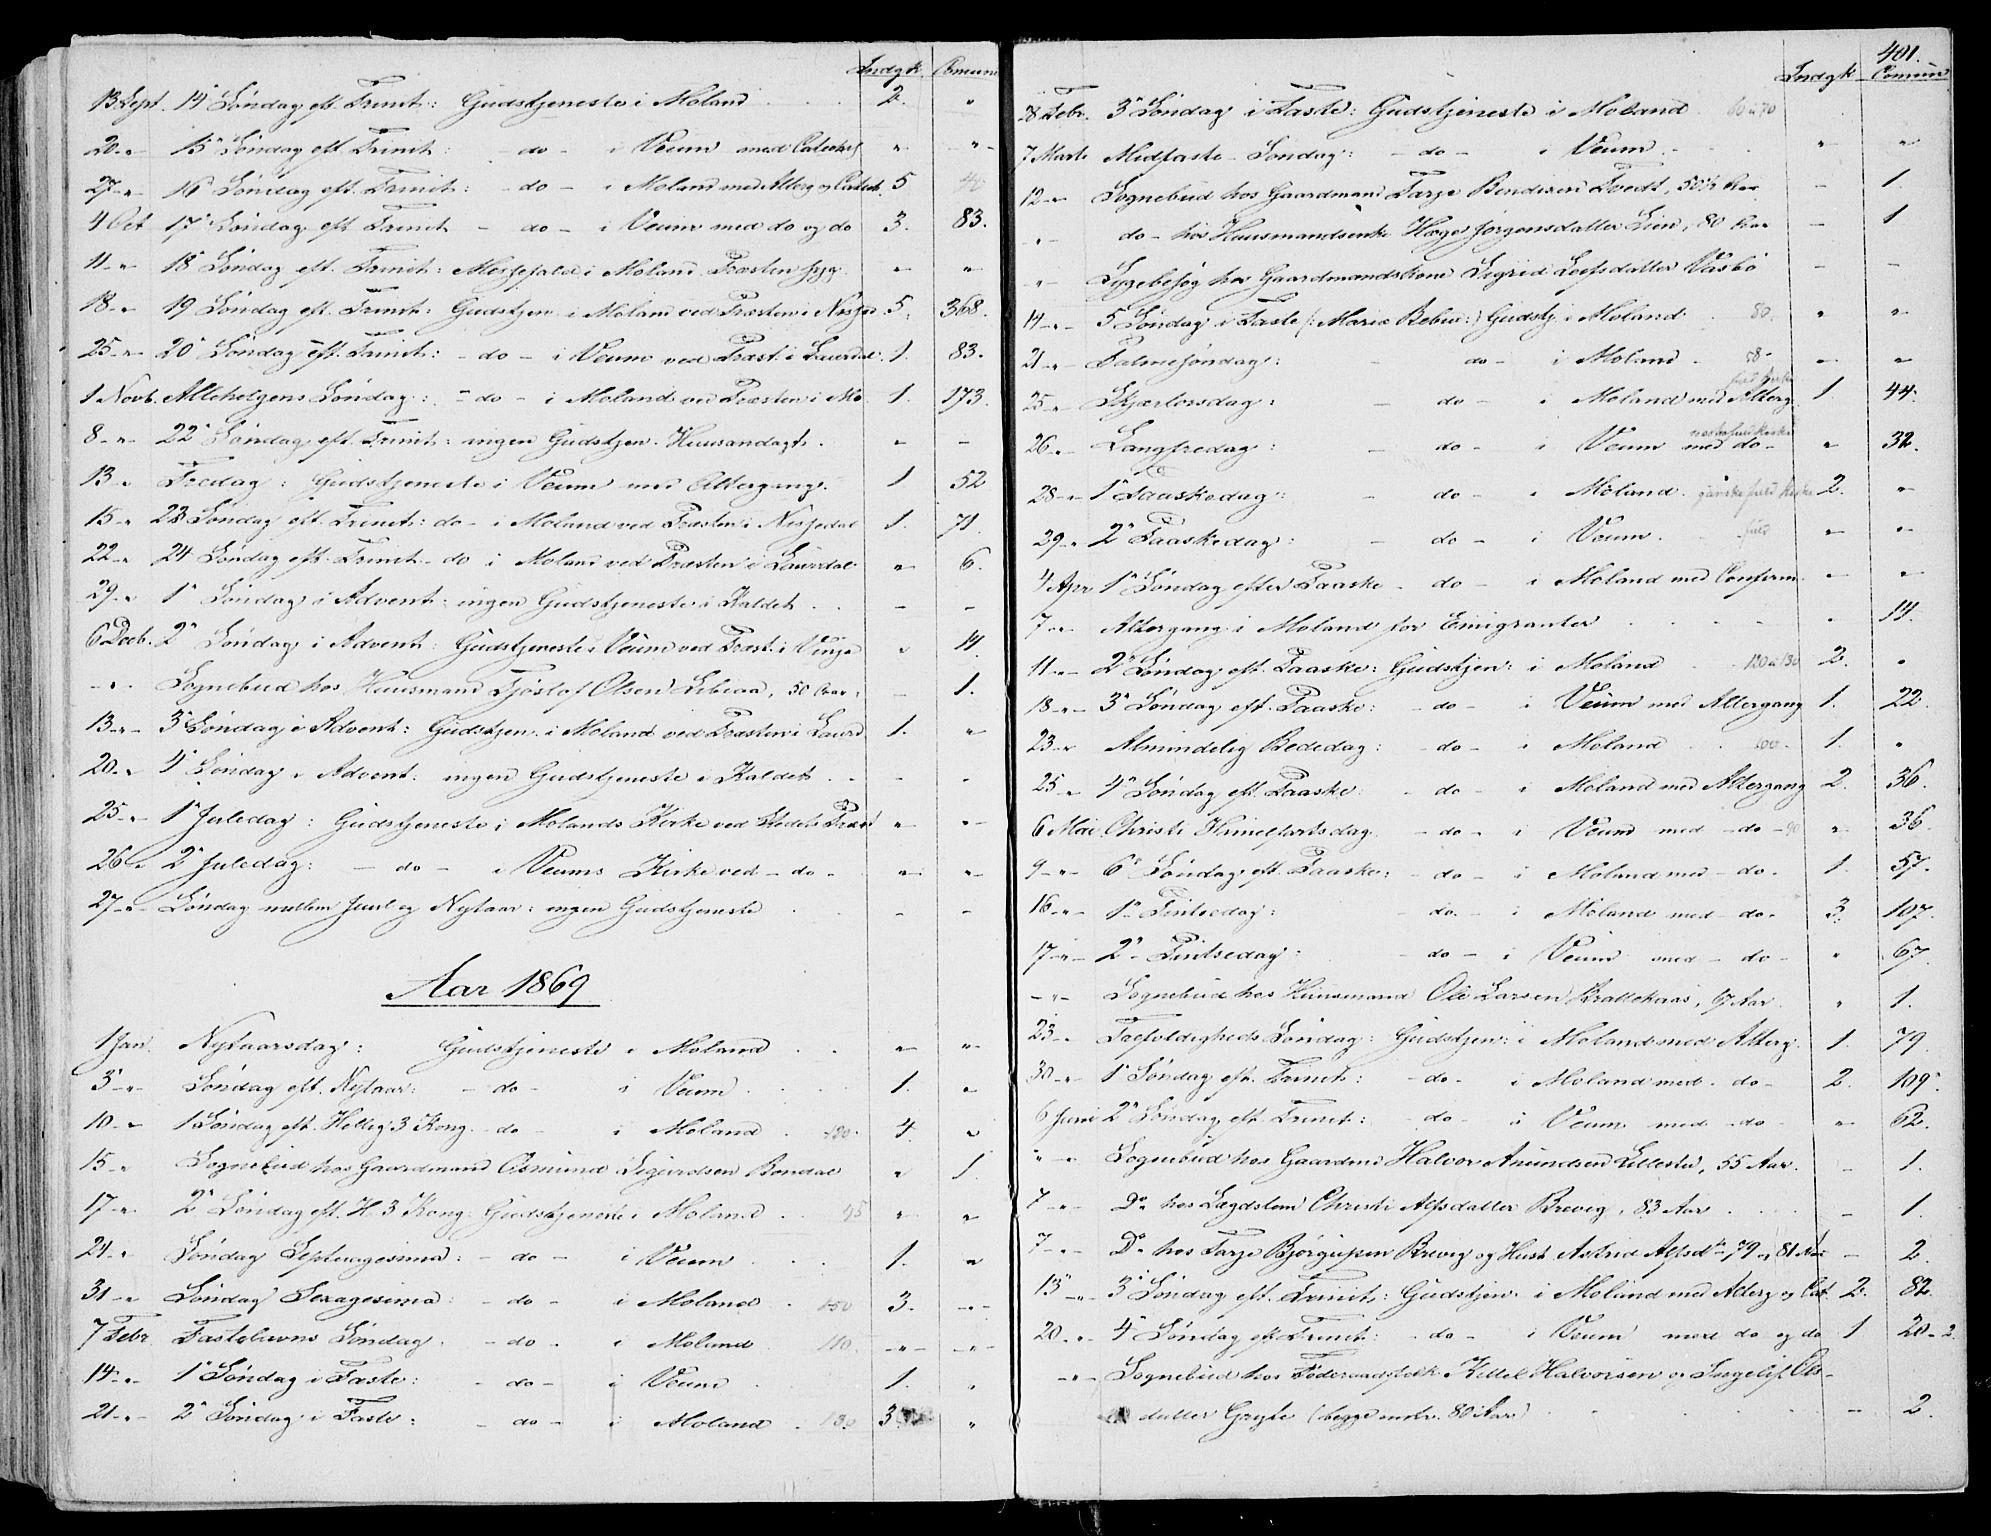 SAKO, Fyresdal kirkebøker, F/Fa/L0005: Ministerialbok nr. I 5, 1855-1871, s. 401